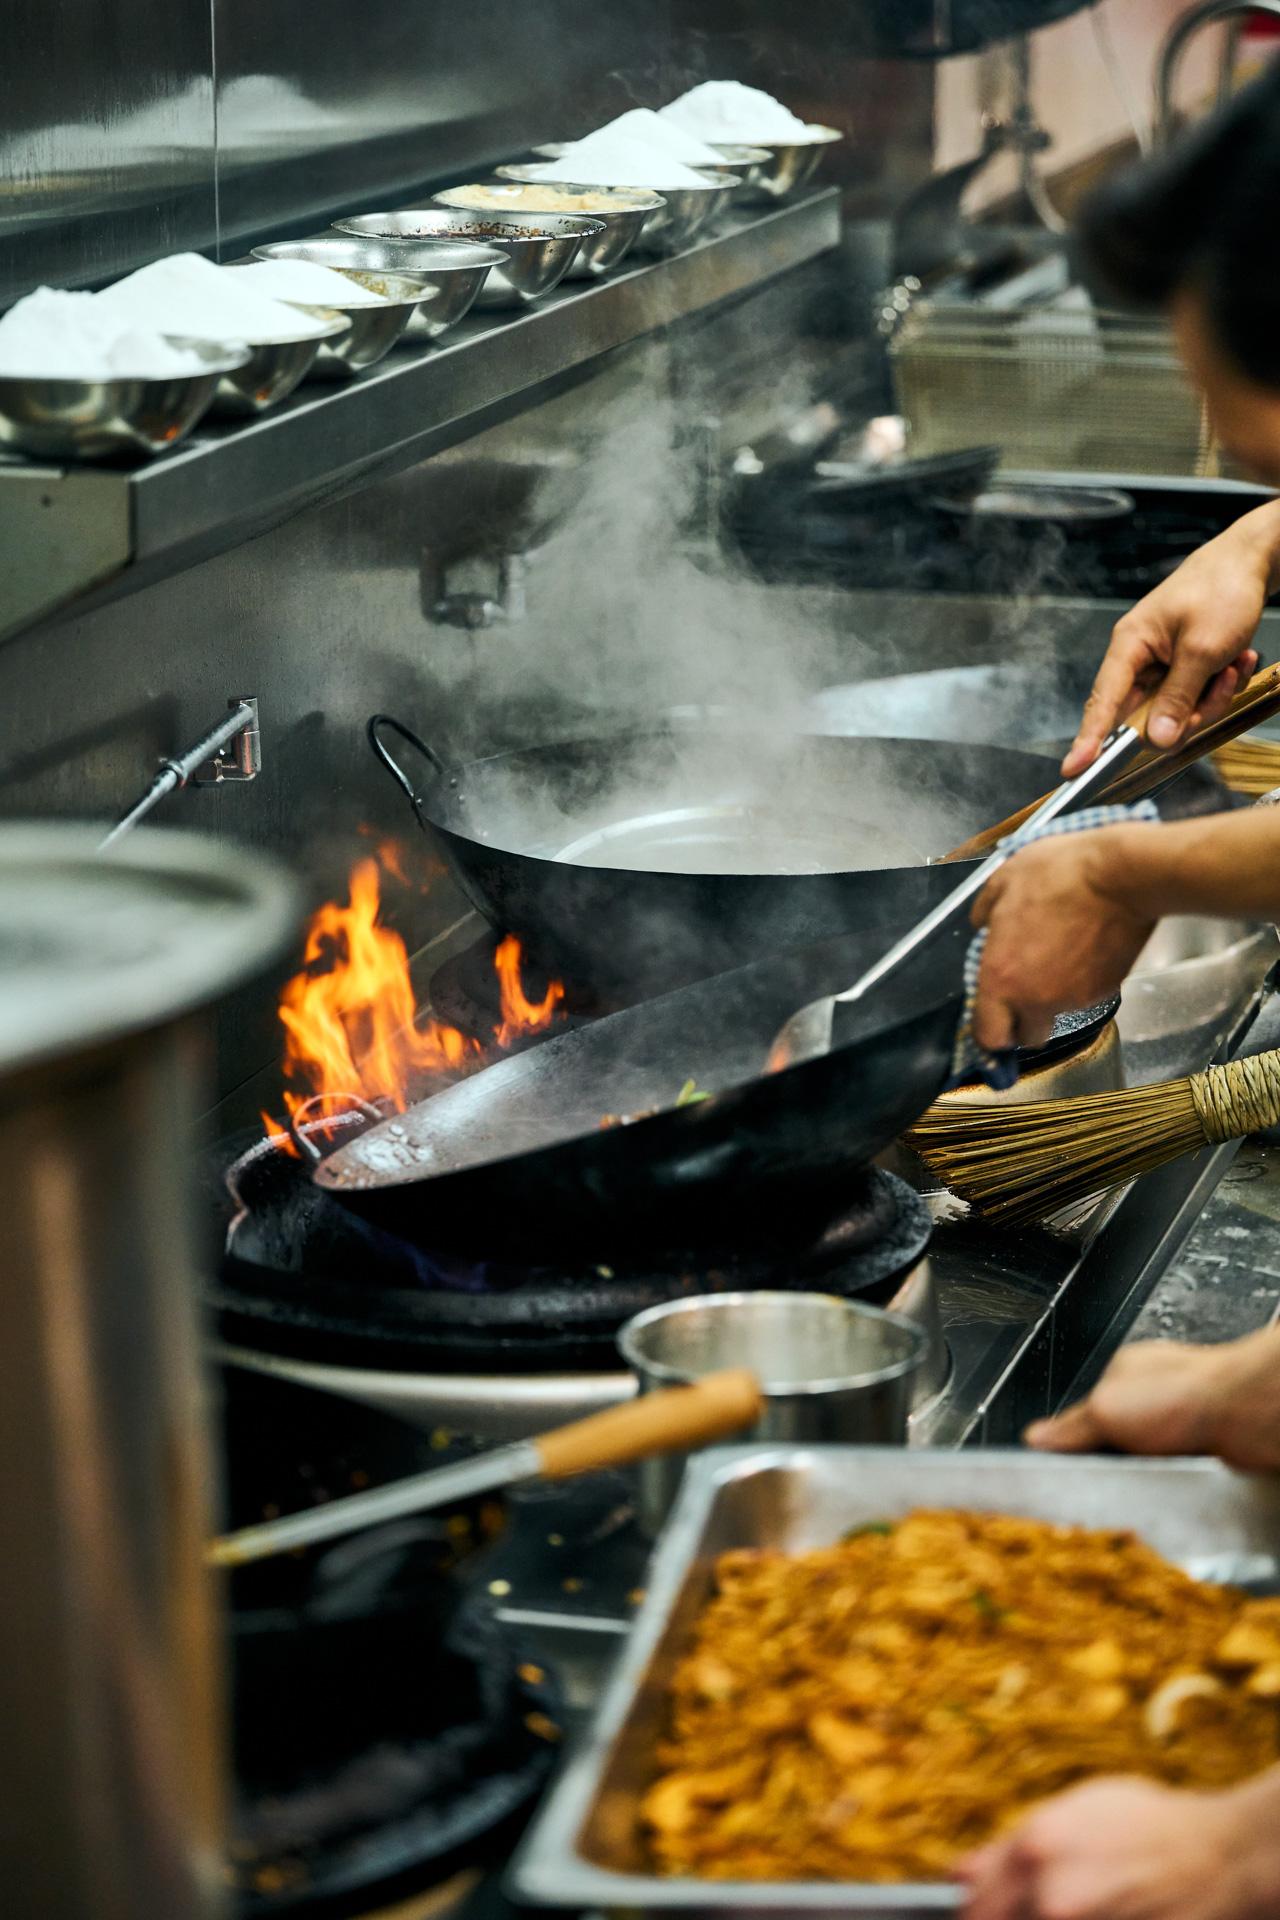 Image of the Dumplings Plus Kitchen.